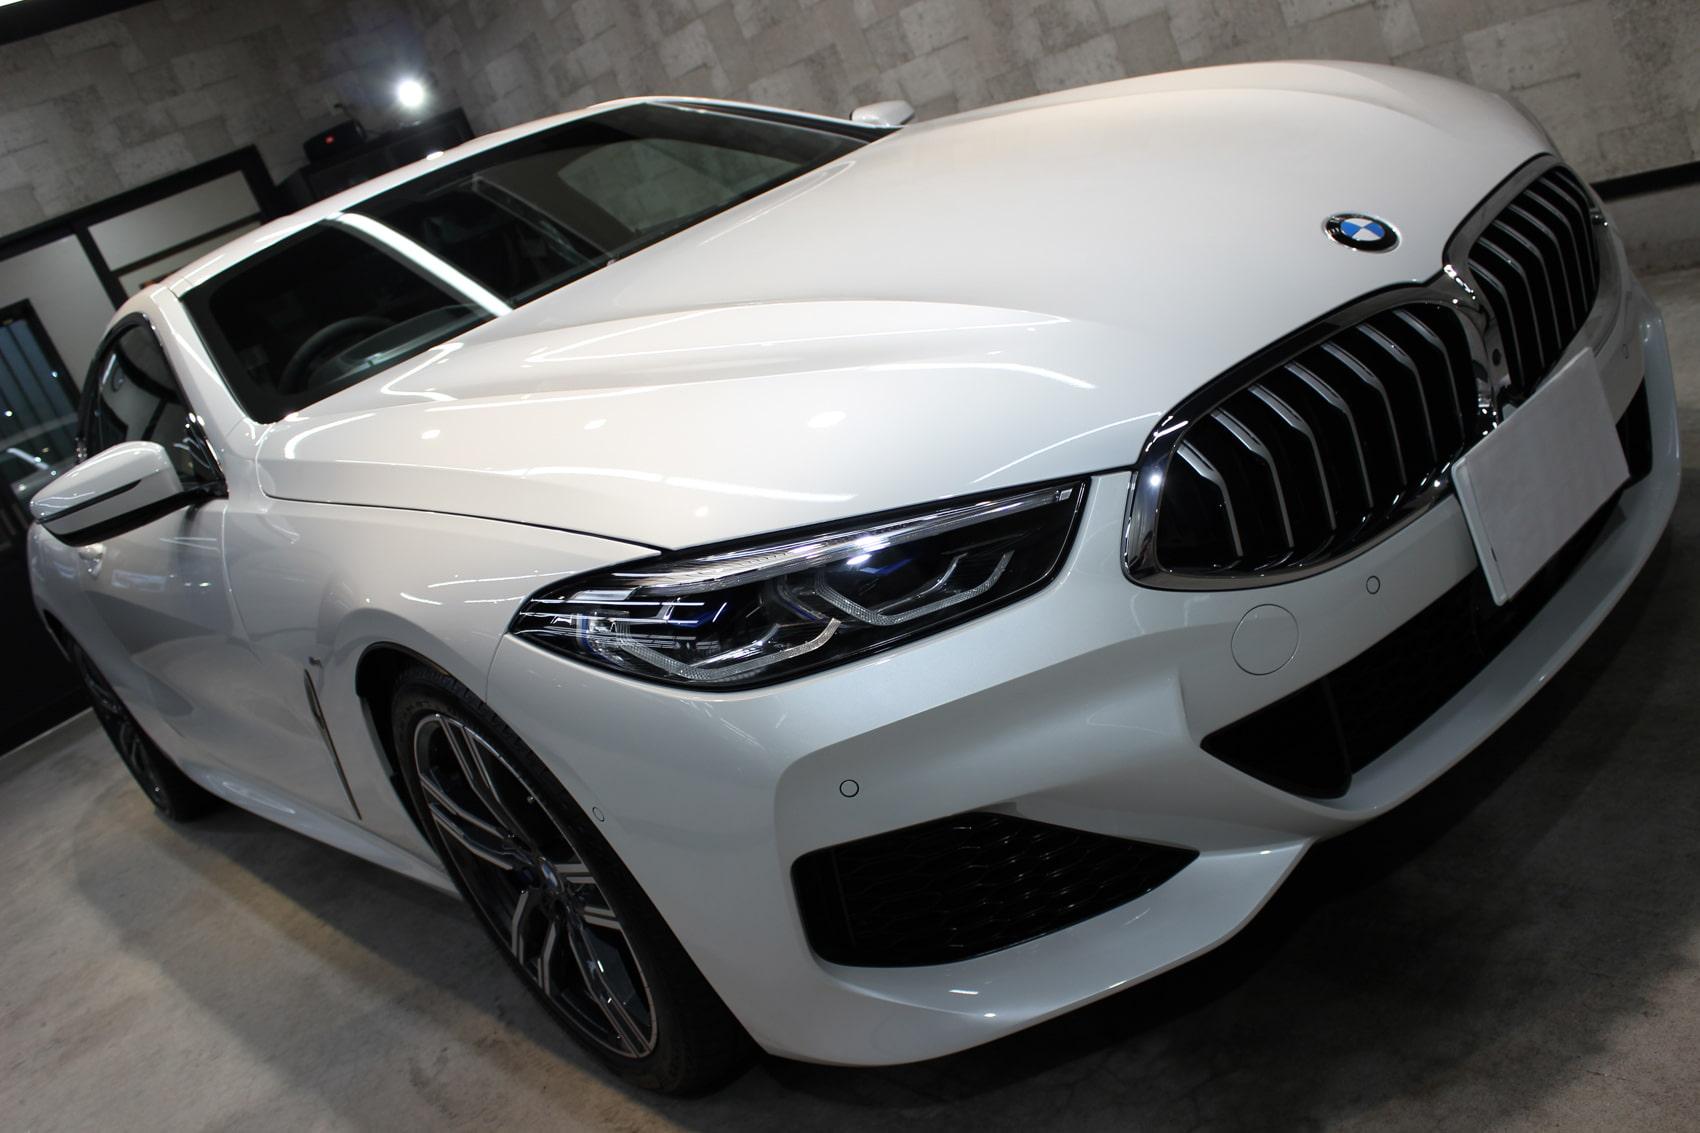 BMW 840iクーペ ミネラルホワイト ボンネット右